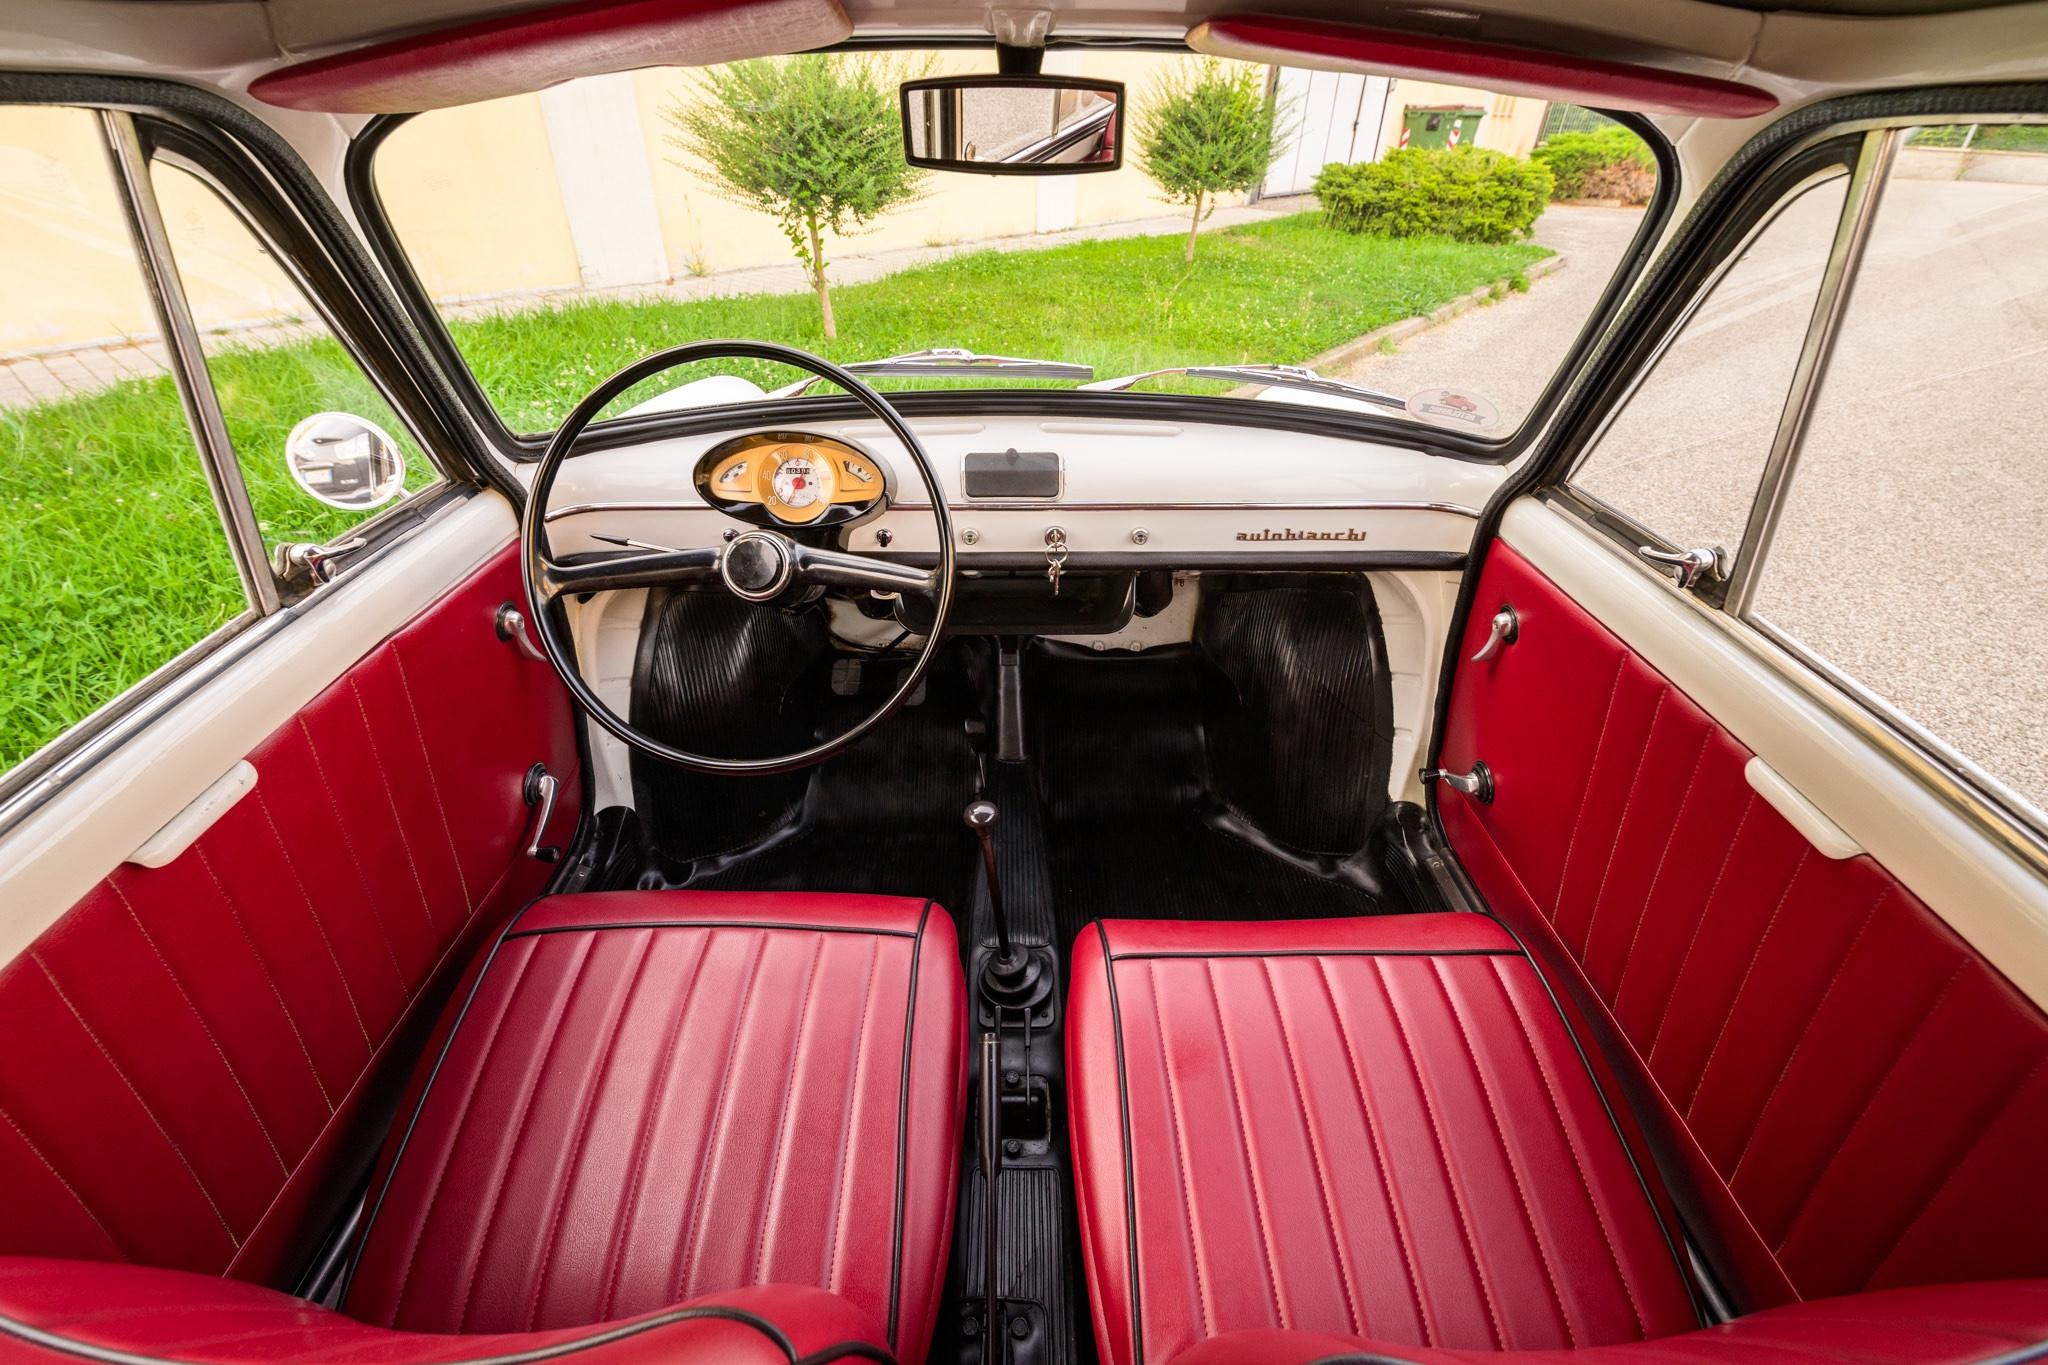 1966 Autobianchi Bianchina Panoramica Interior